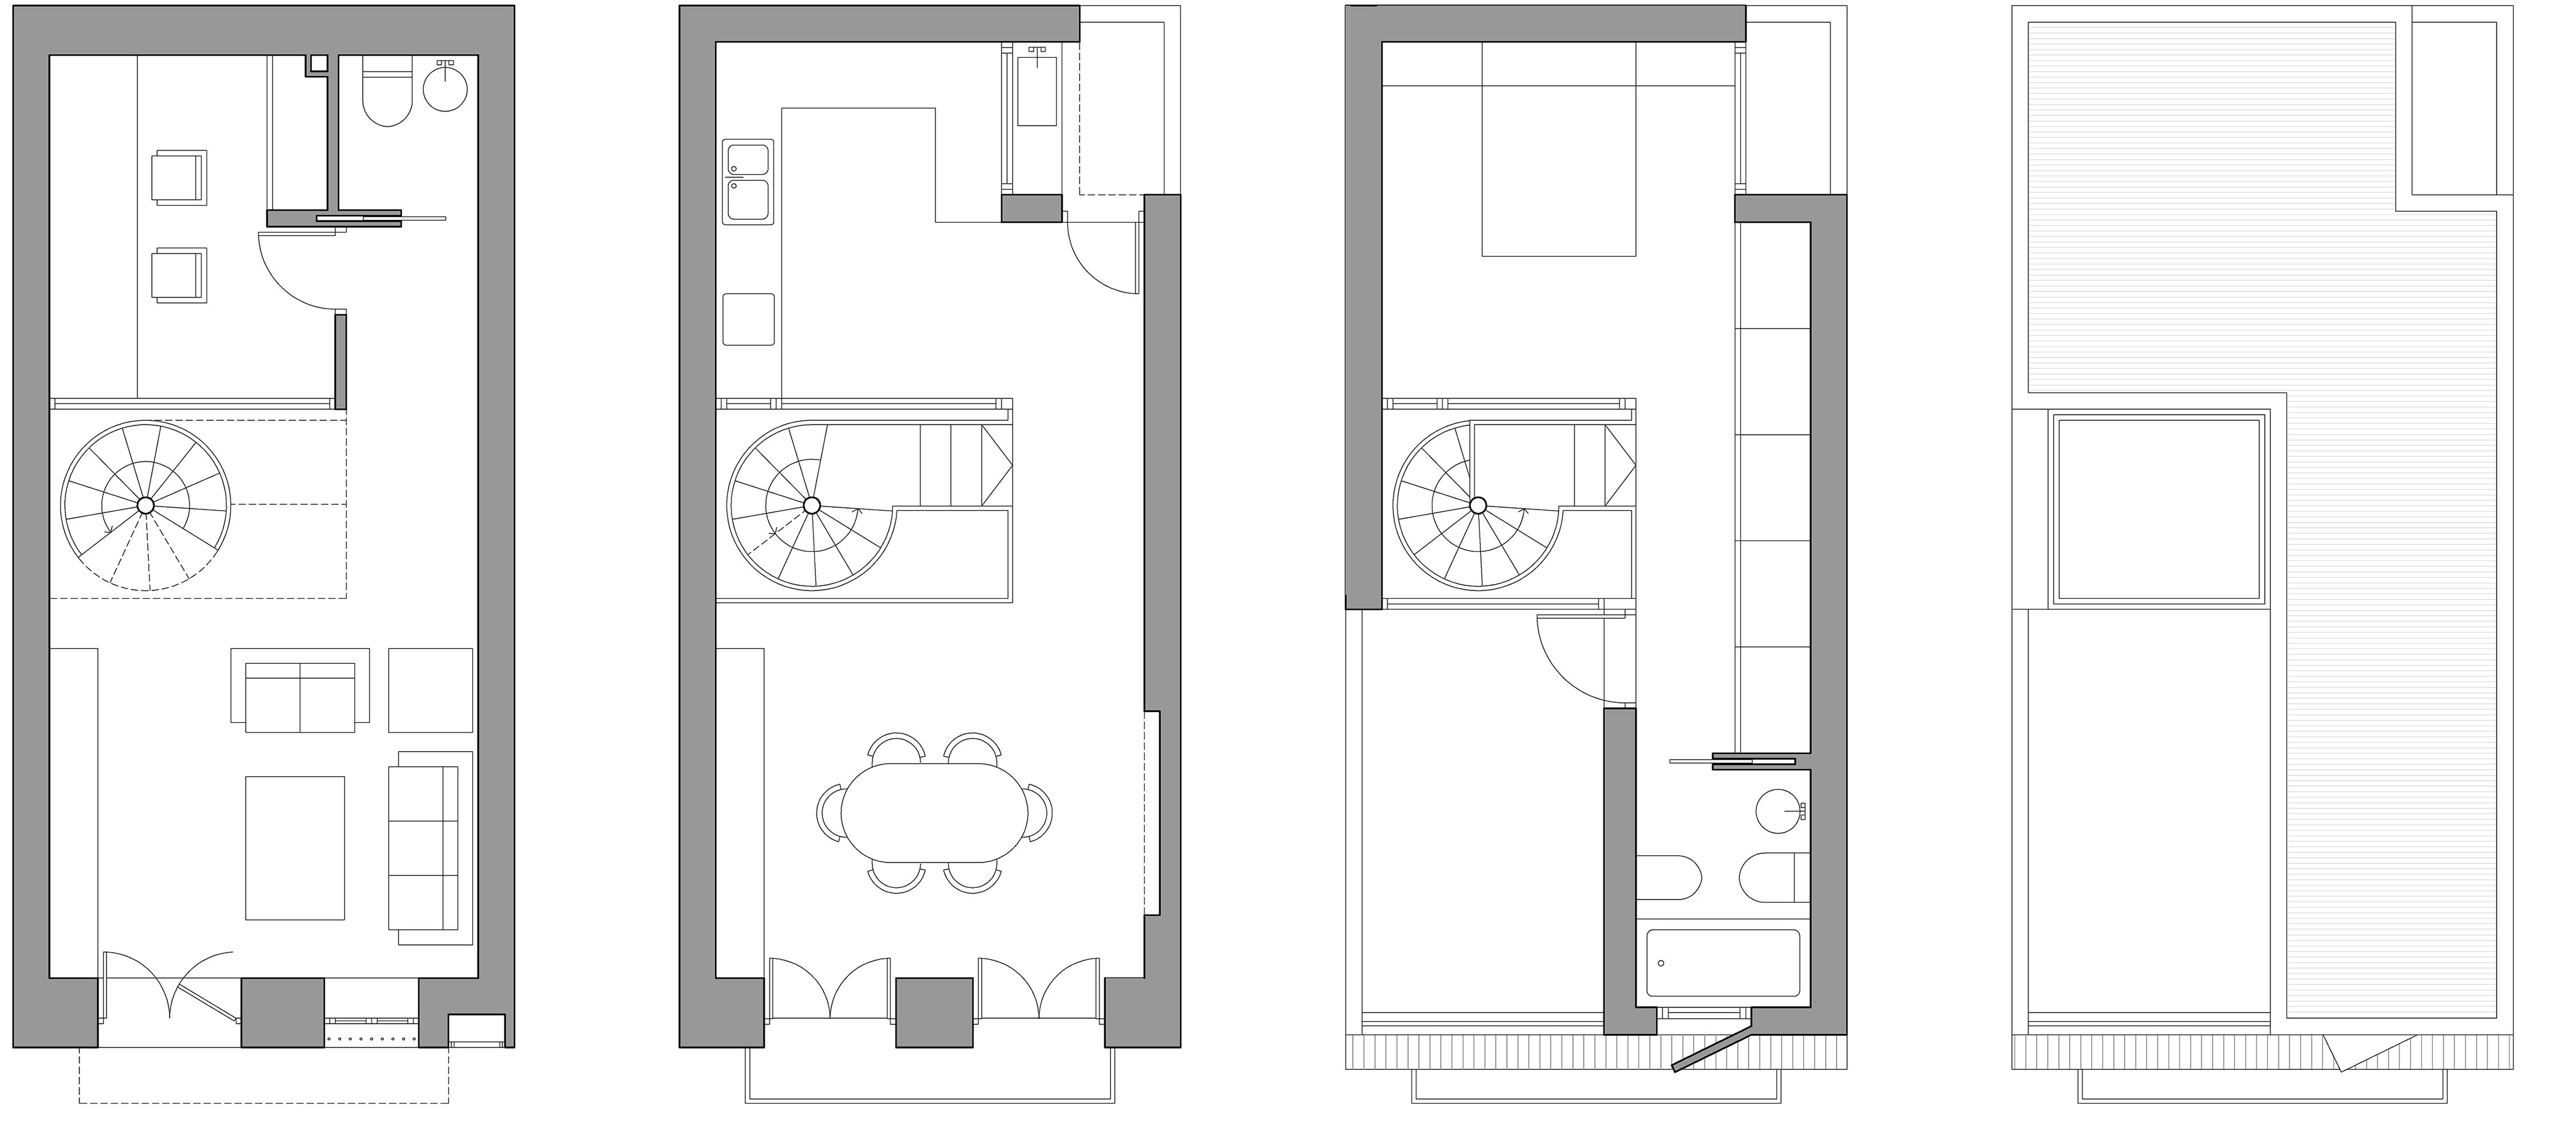 Arquitectura Alicante. Proyectos de Arquitectura. Arquitectos Dénia. Vivienda Unifamiliar. Reformas de locales.